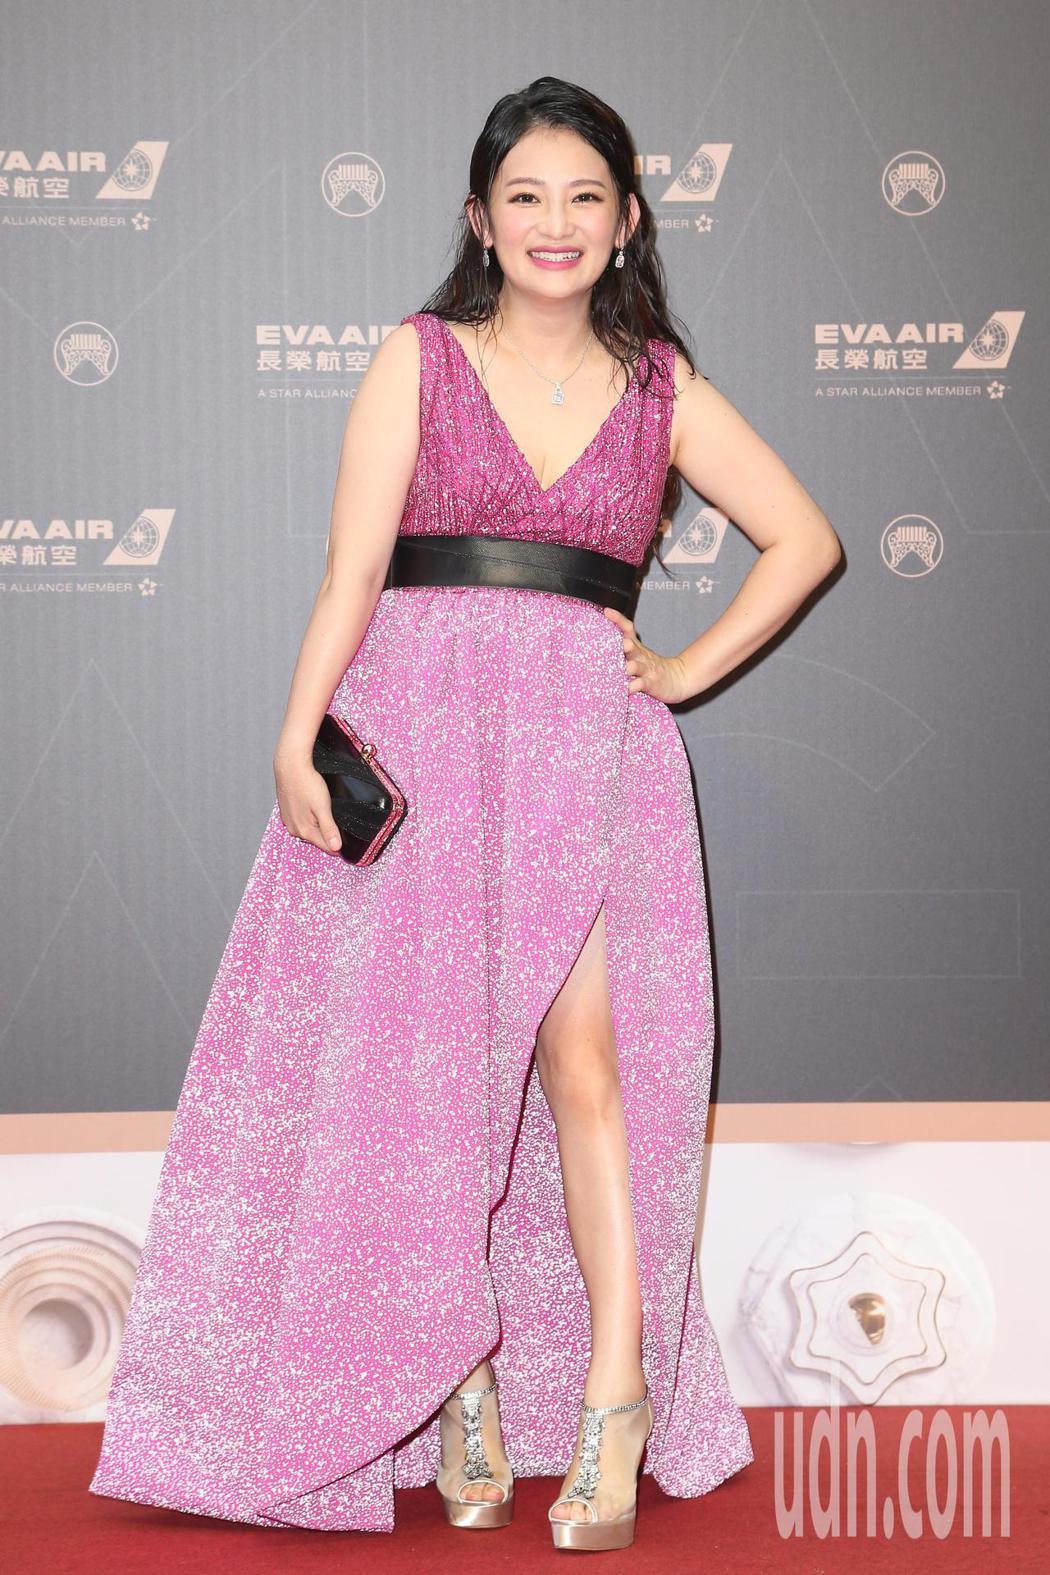 第30屆金曲獎,入圍最佳台語女歌手獎的張涵雅走星光大道。記者陳立凱/攝影